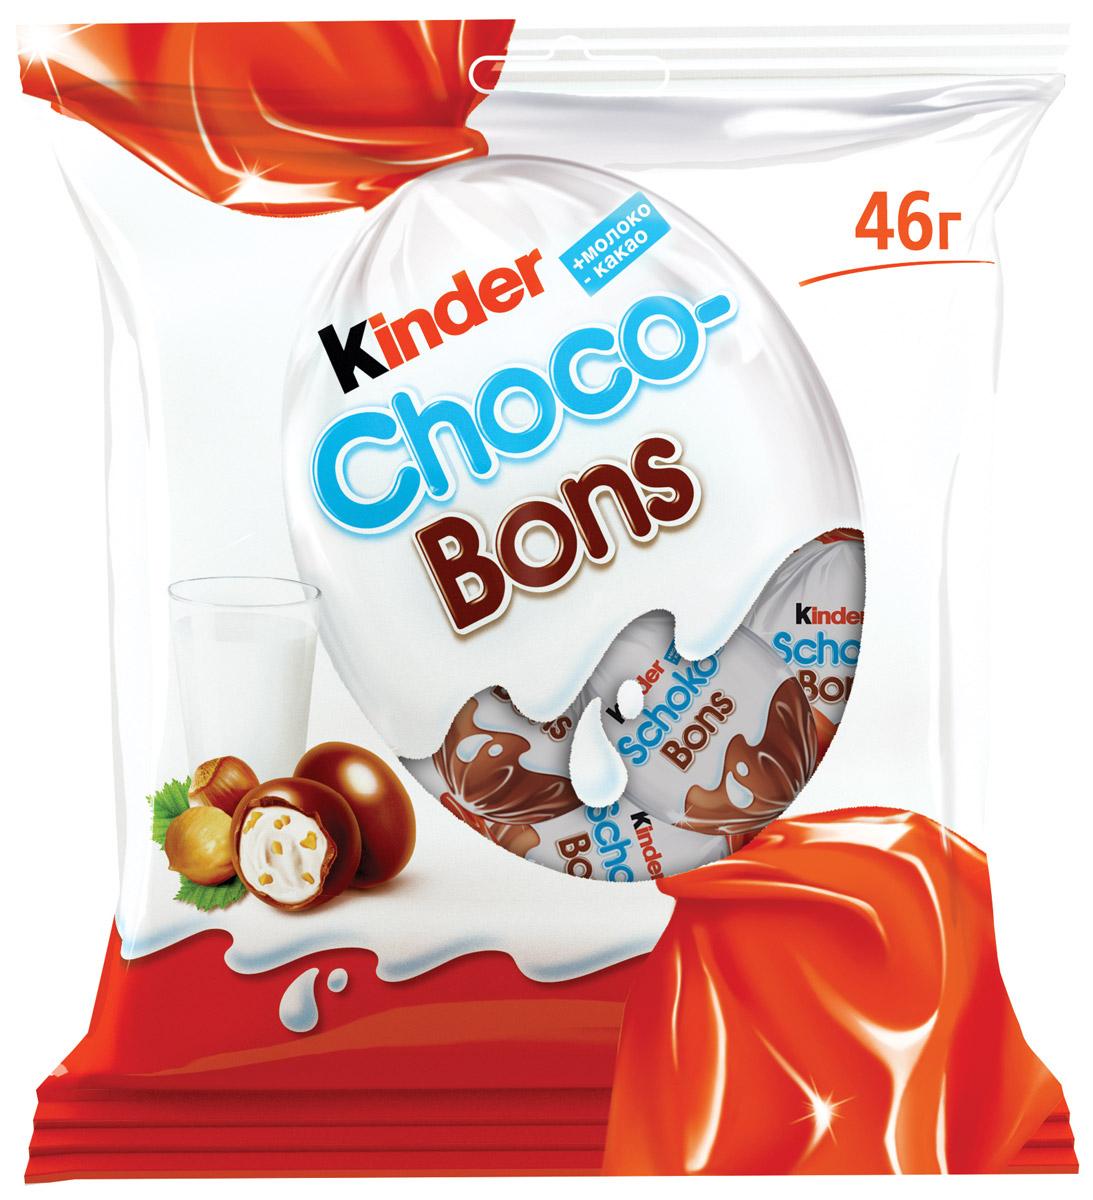 Kinder Choco Bons конфеты из молочного шоколада с молочно-ореховой начинкой, 46 г kinder mix носорог подарочный набор с игрушкой 137 5 г